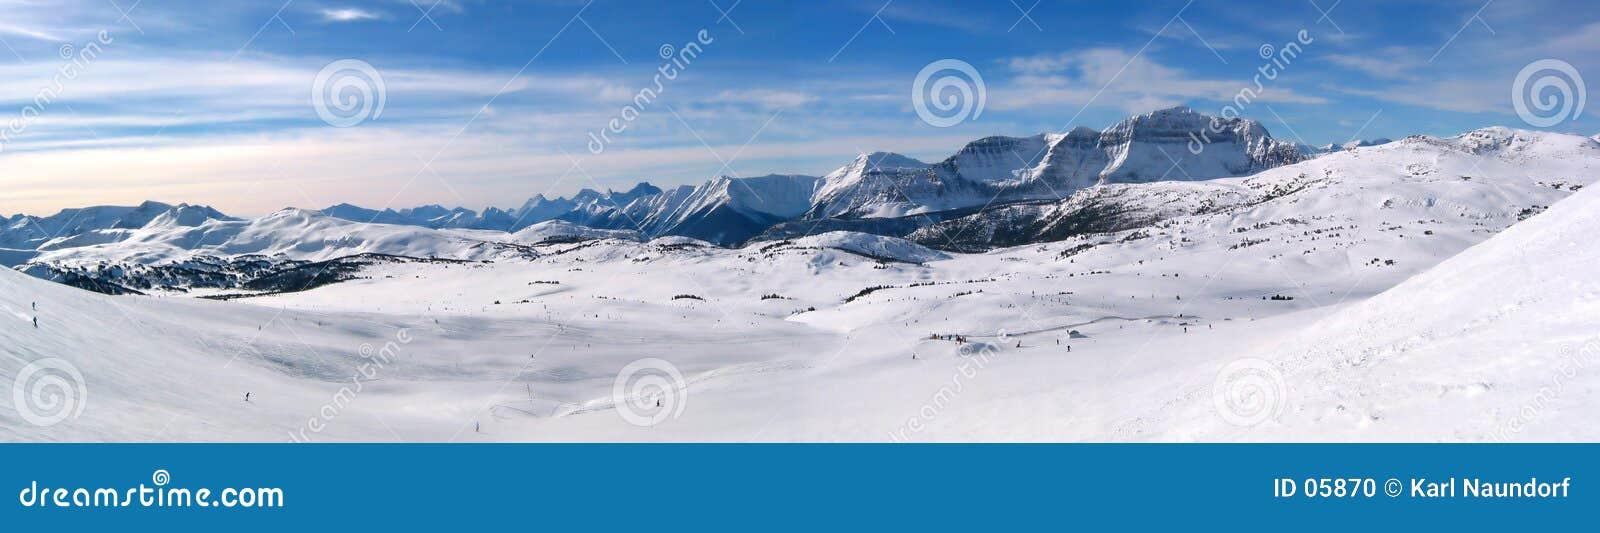 Montaña panorámica